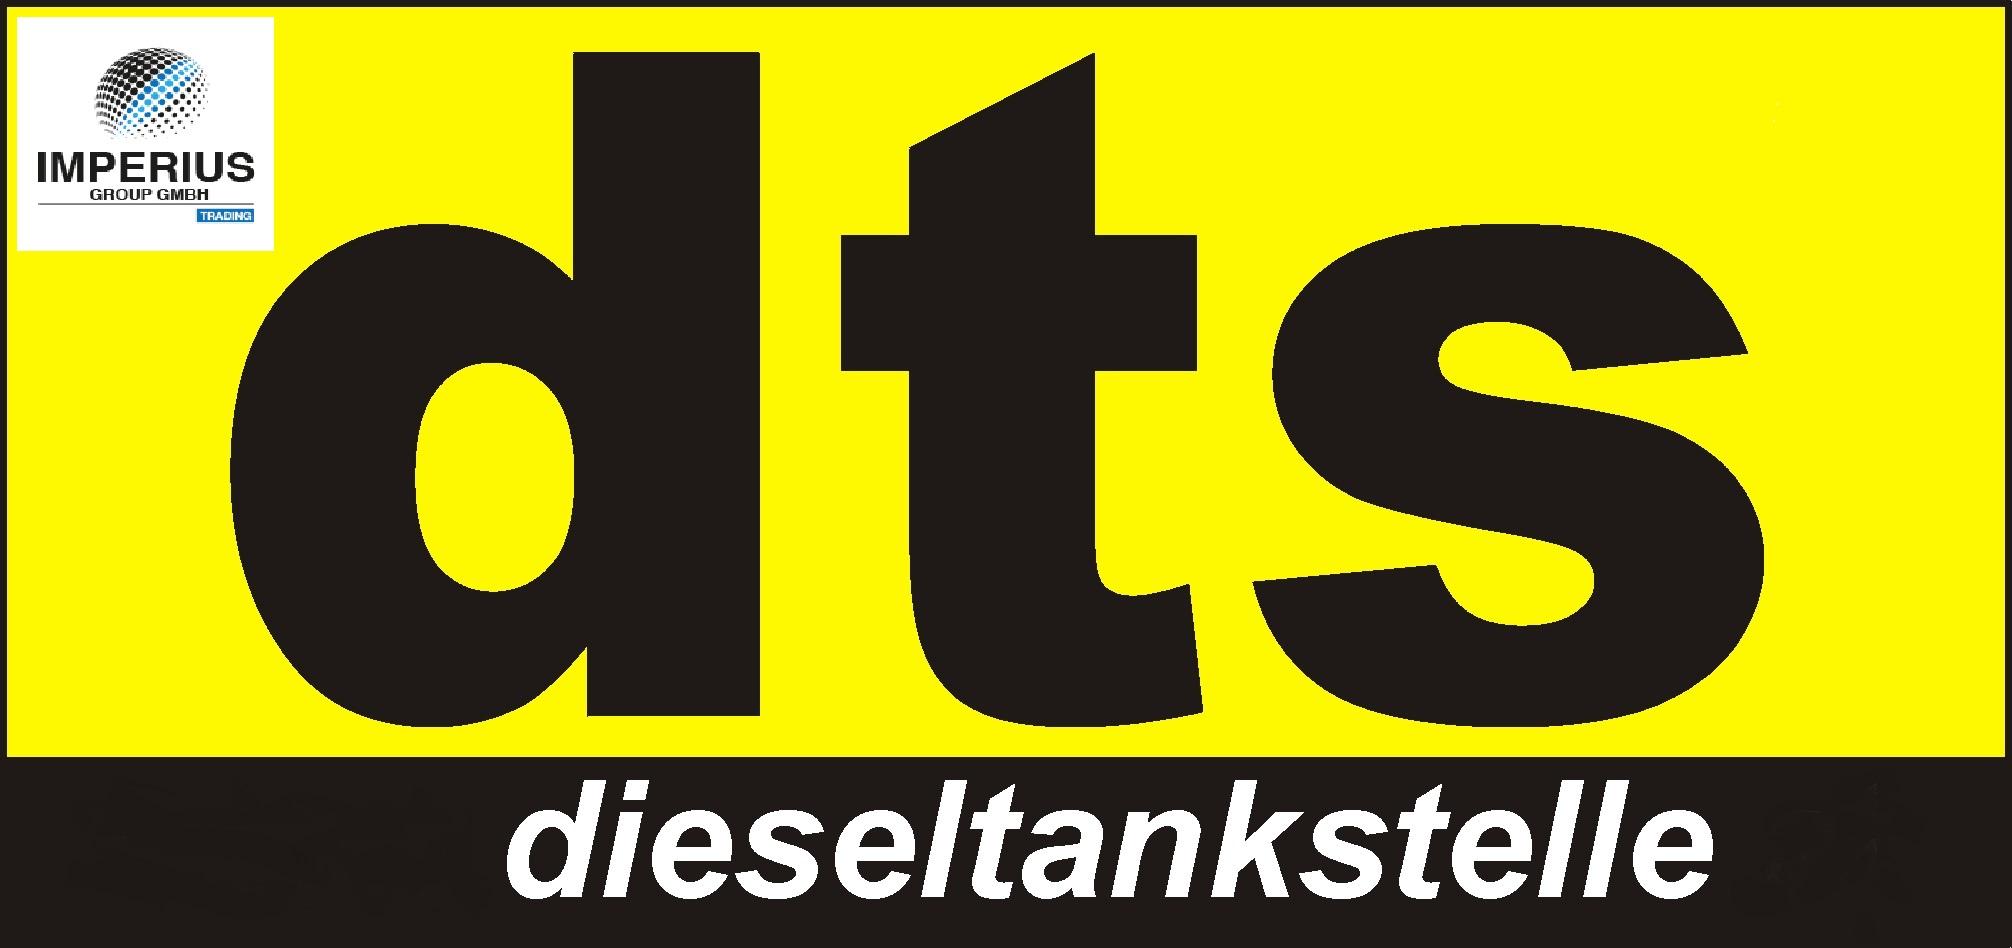 Bargeldlos Europaweit Diesel-tanken Zu Top Konditionen